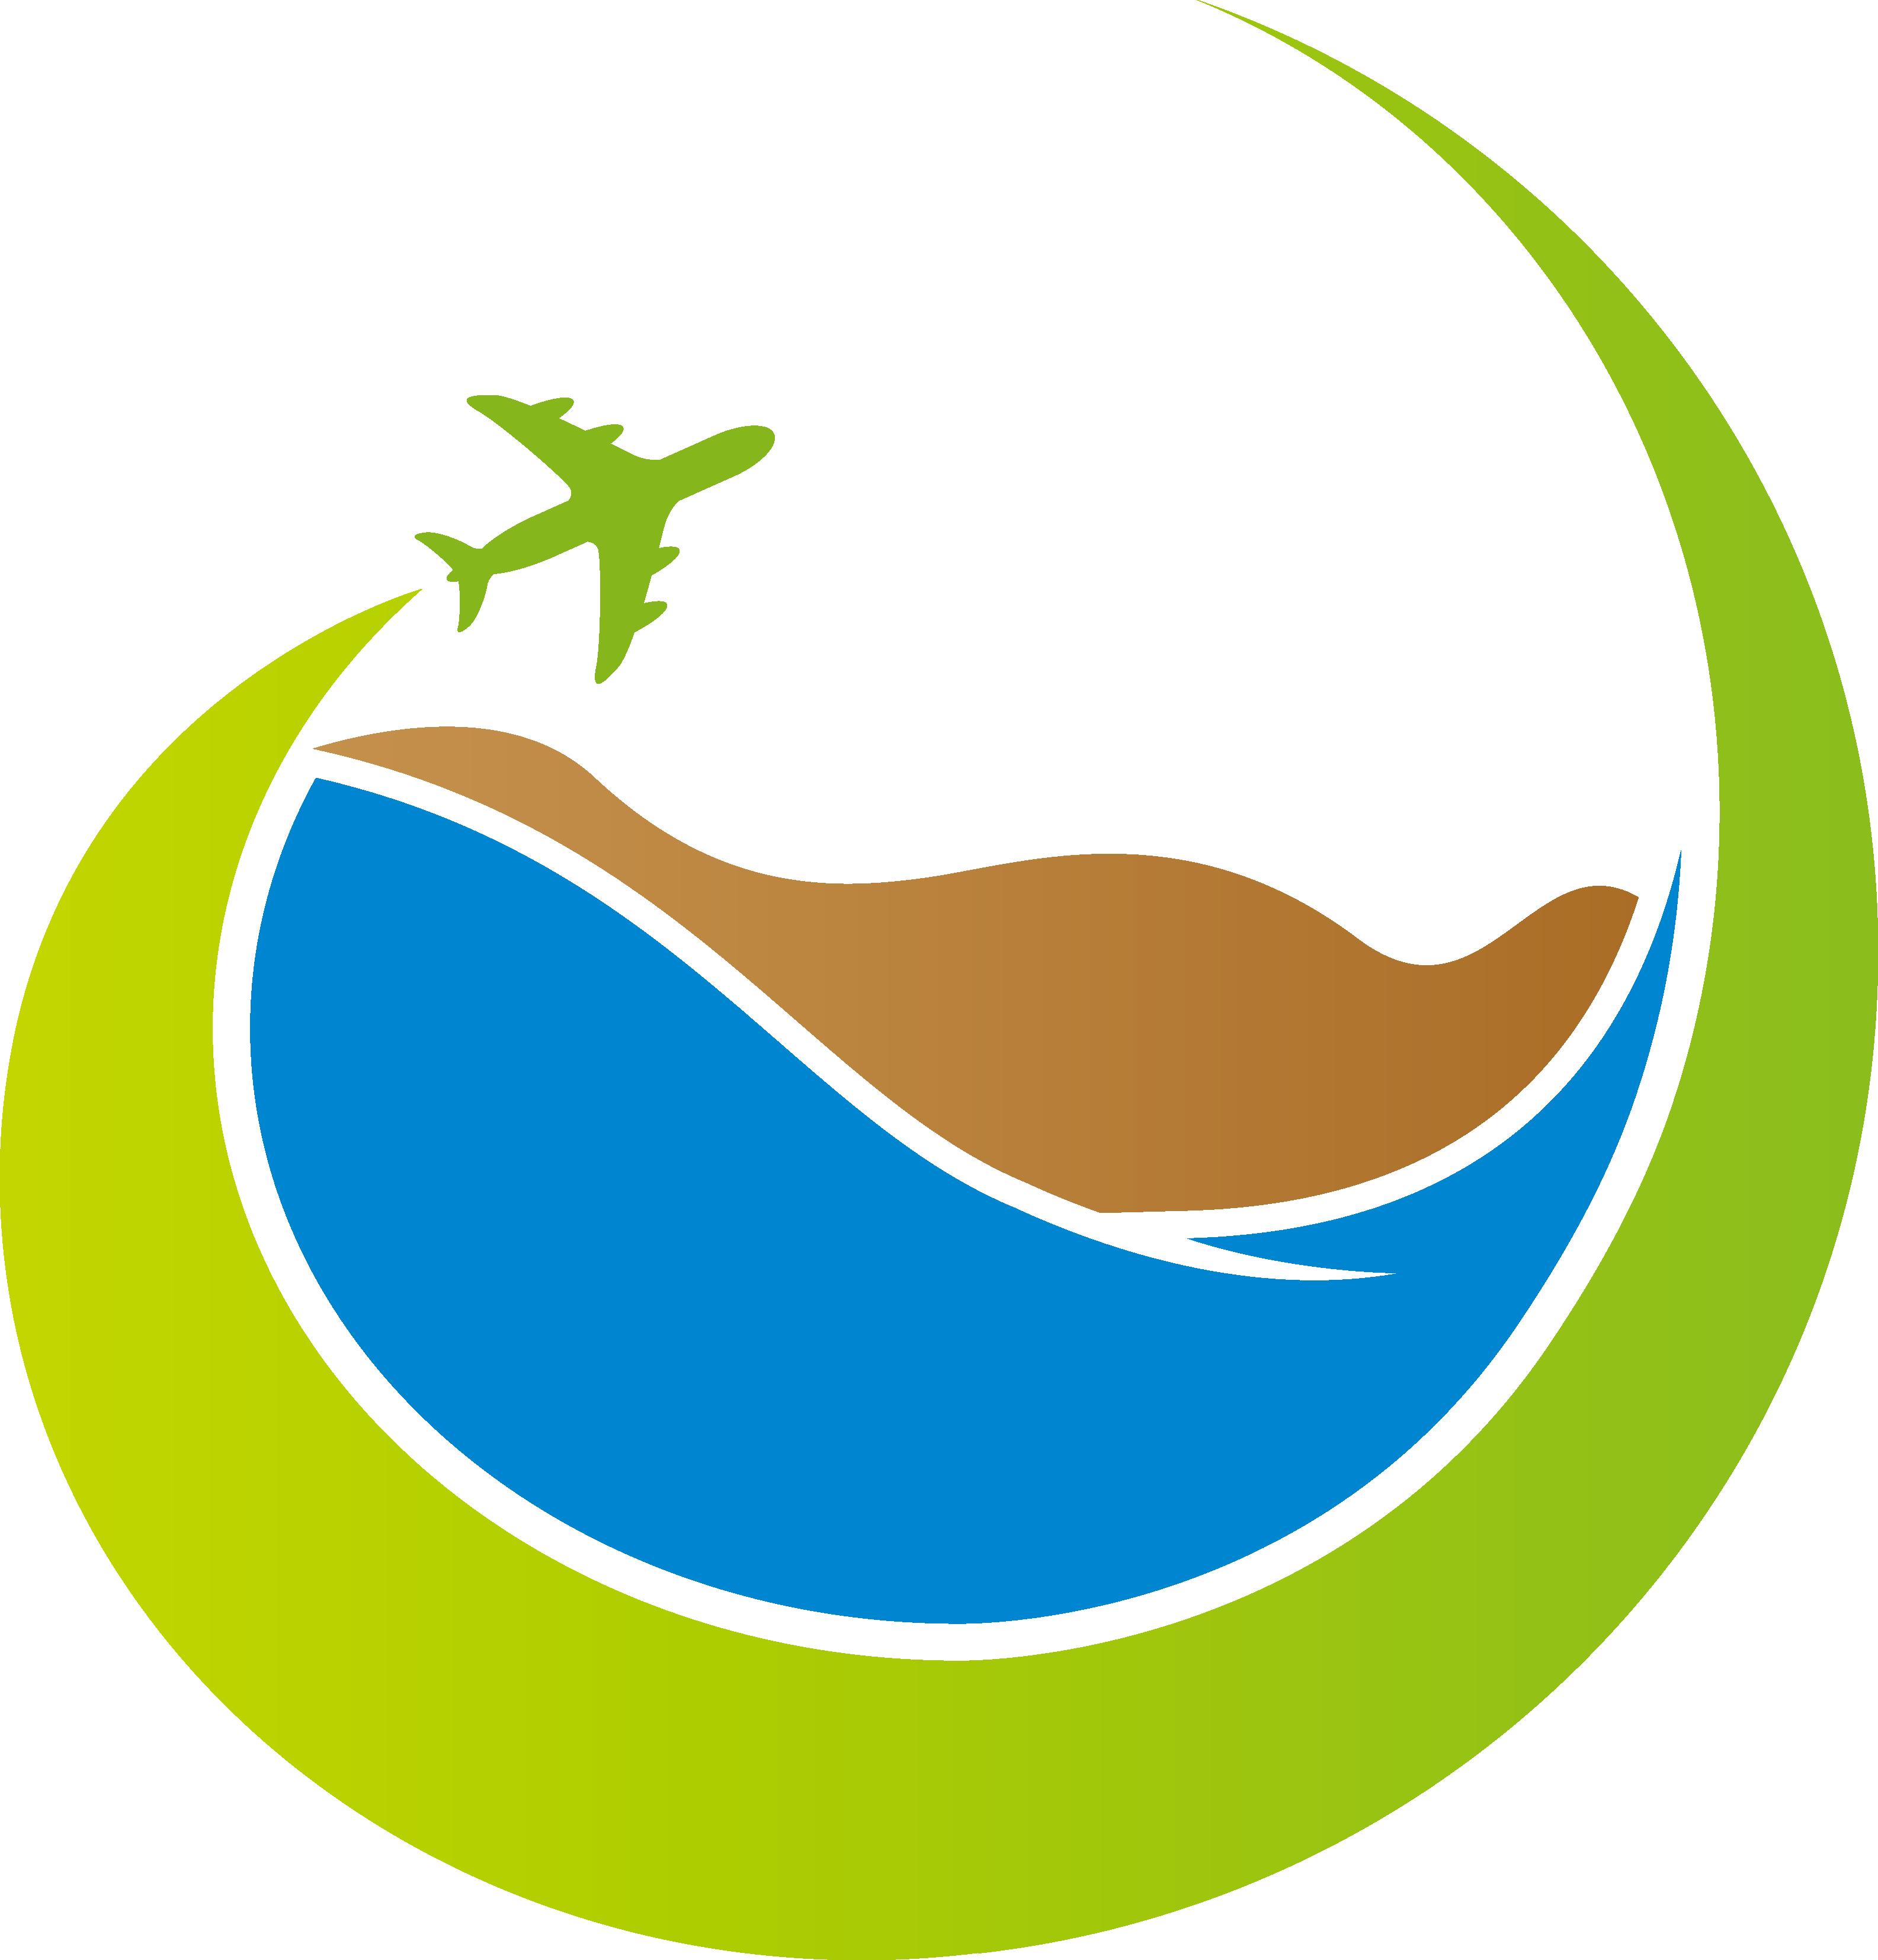 эмблемы туристических фирм картинки девятку